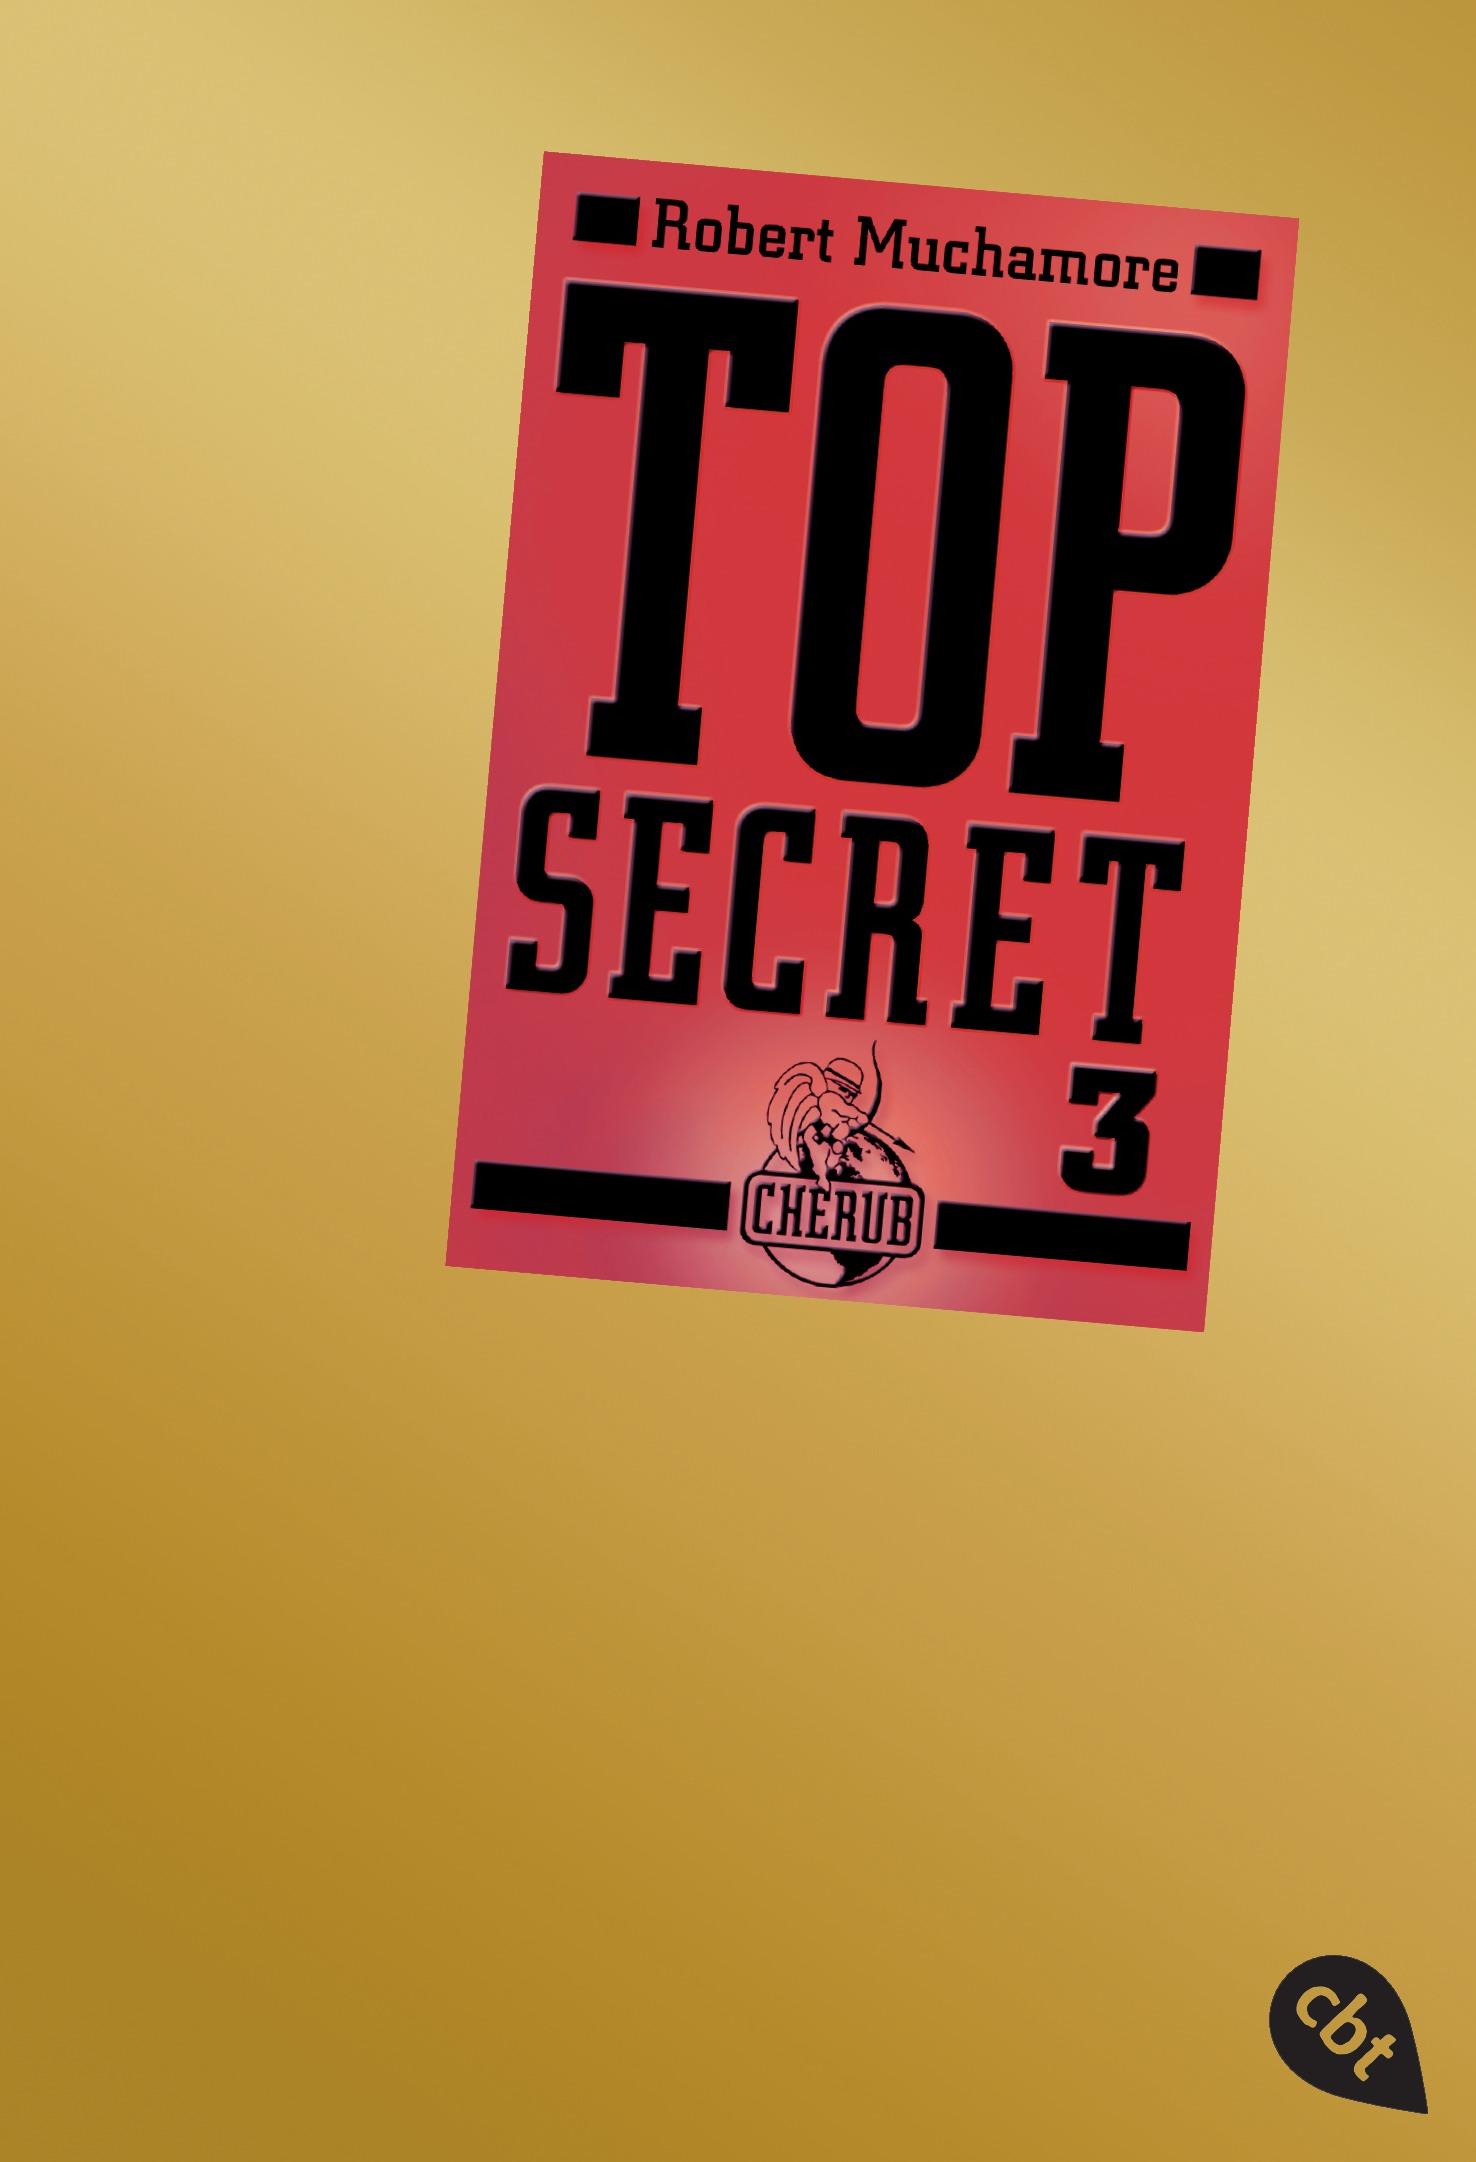 Top Secret - Der Ausbruch - Robert Muchamore